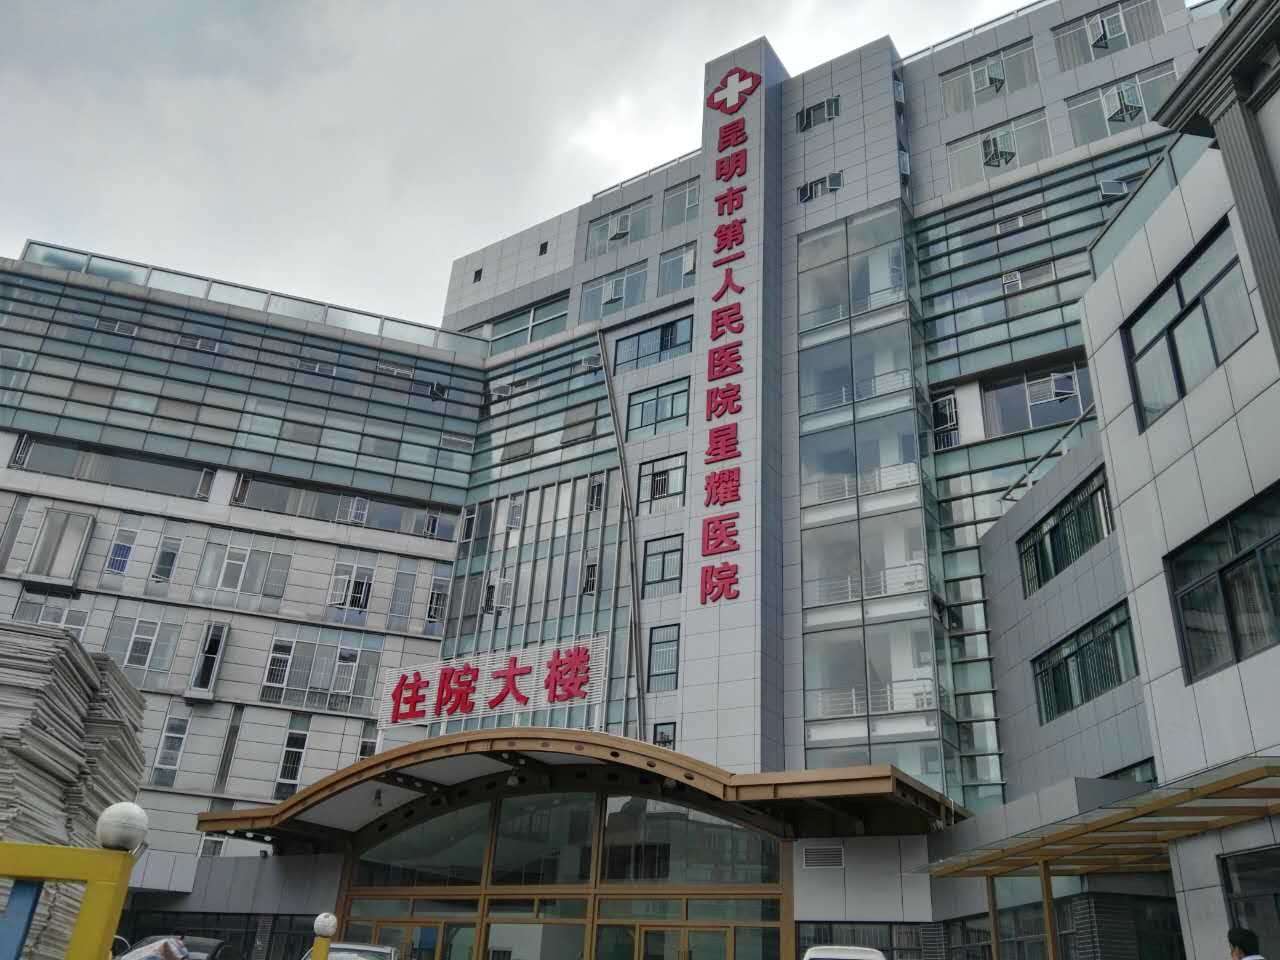 人民医院_昆明市第一人民医院星耀医院-广州市惠声电子科技有限公司